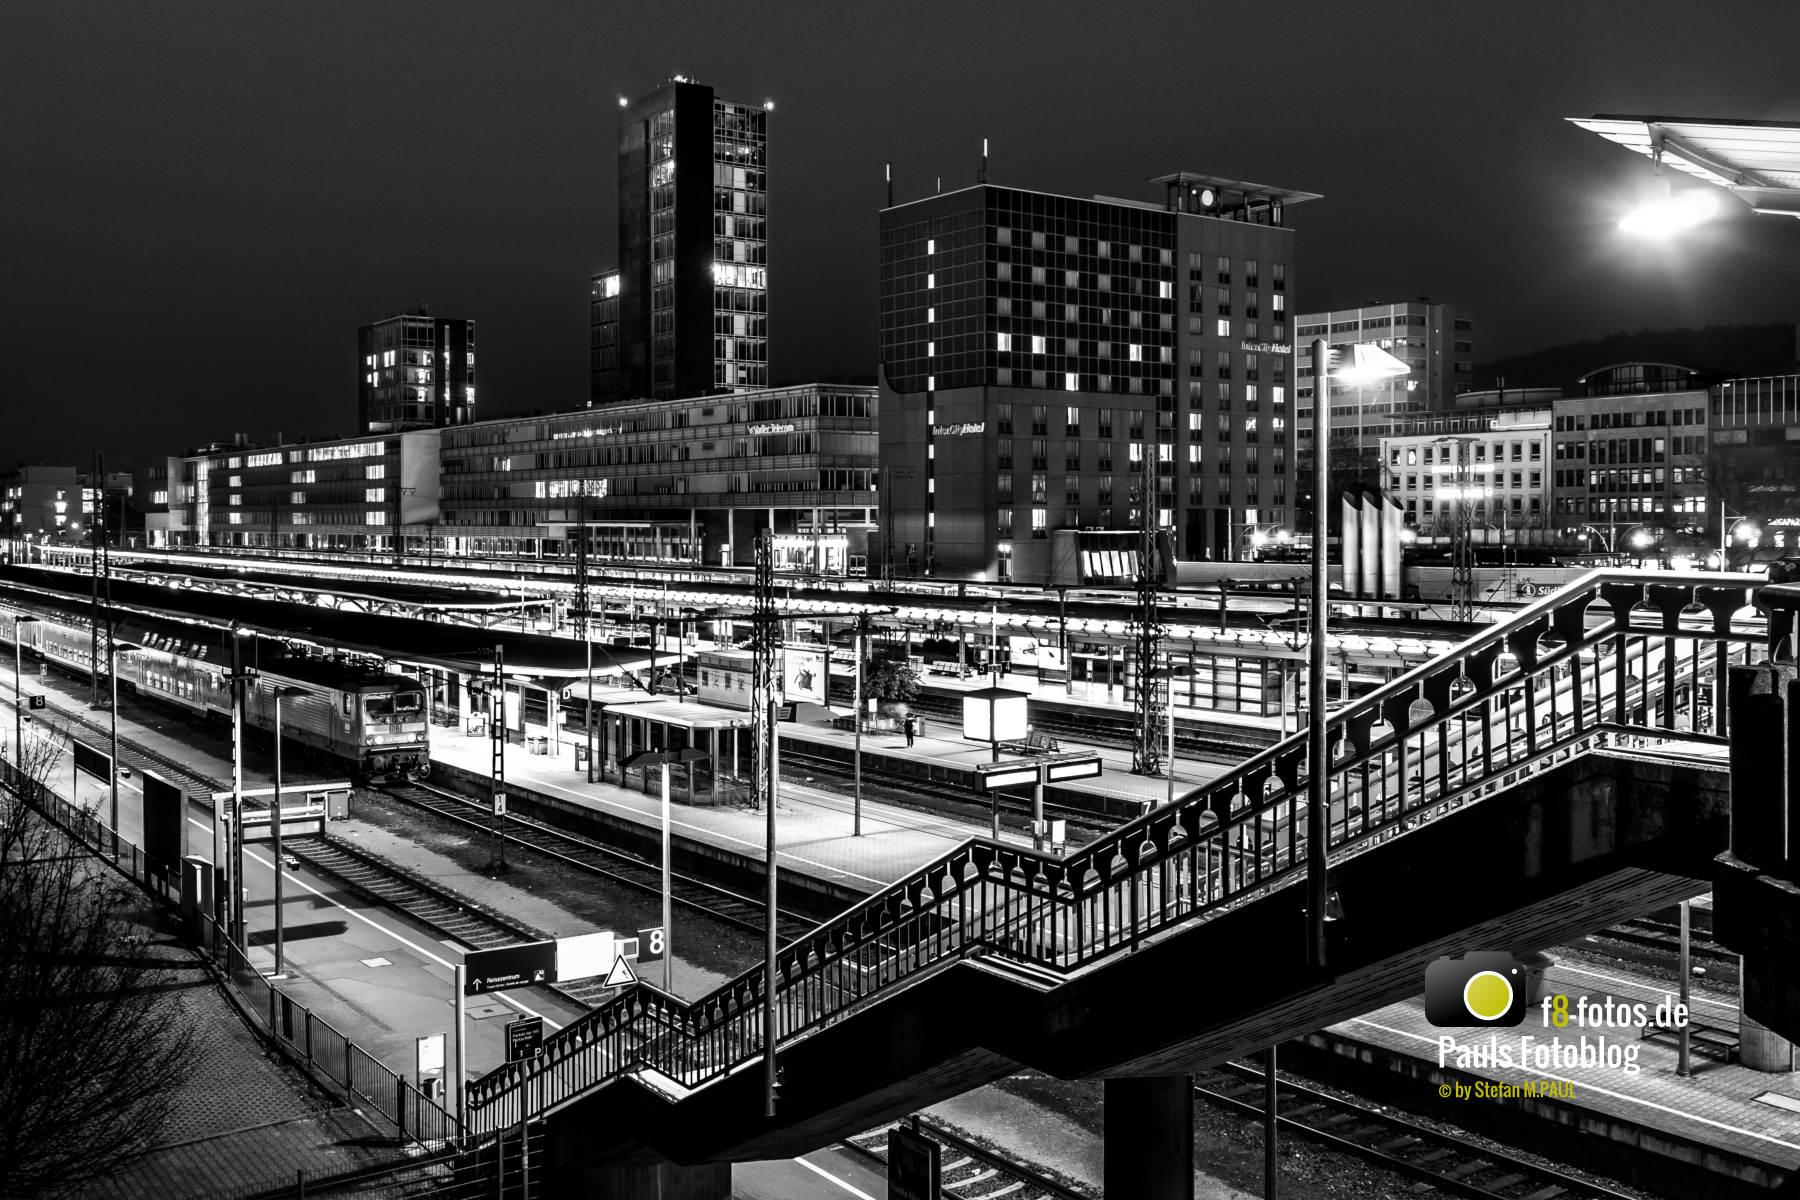 Bahnhof Freiburg schwarz-weiß